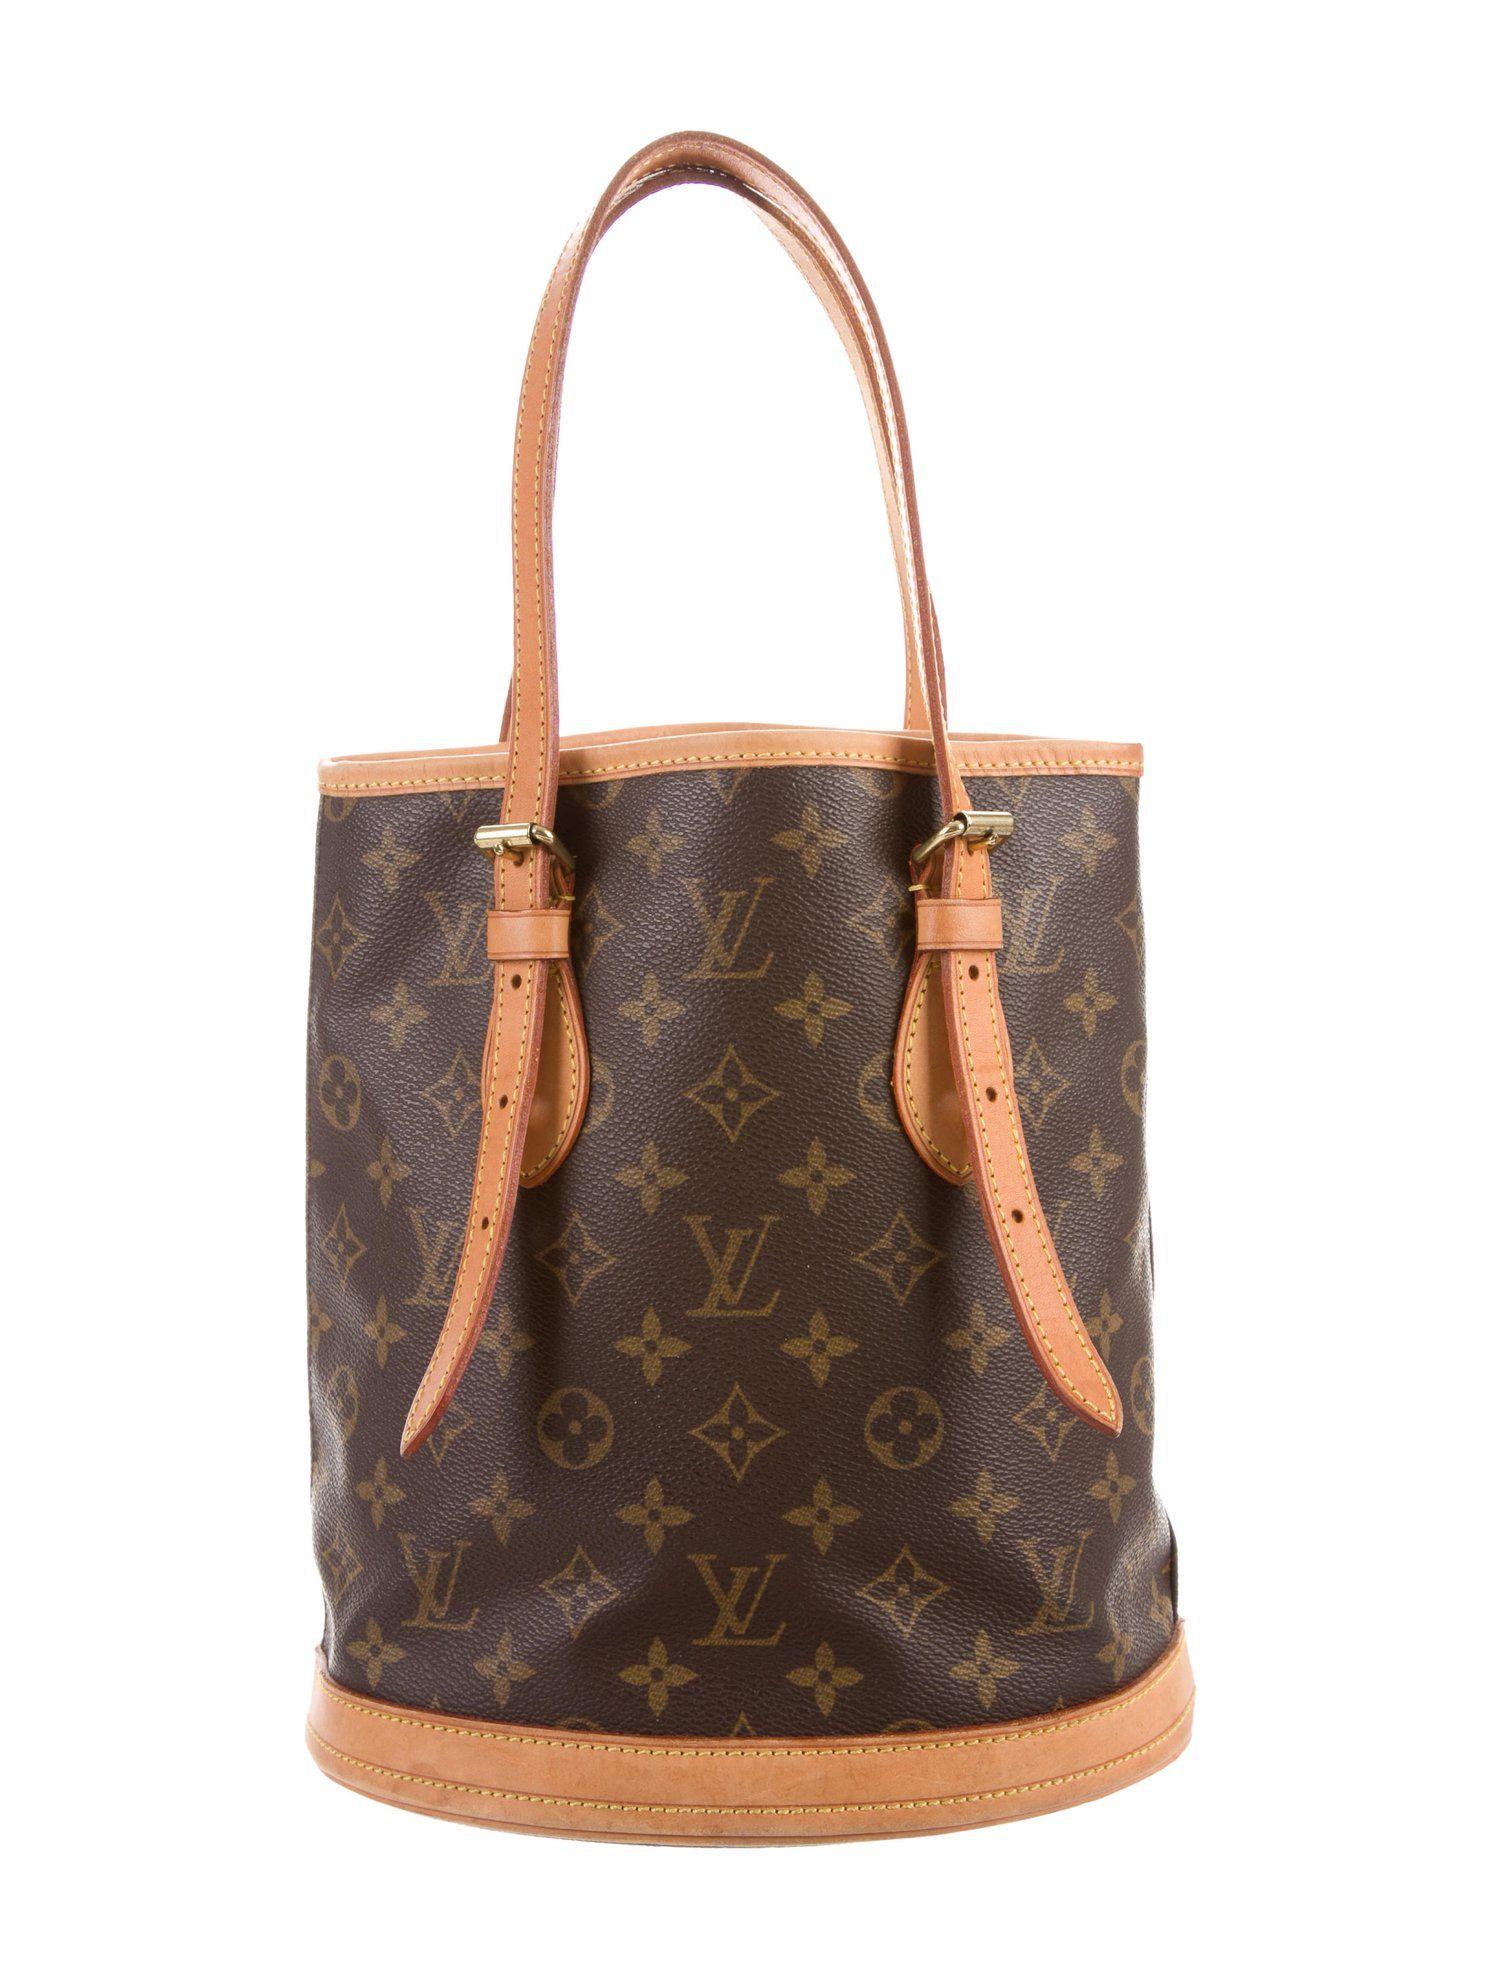 dd1ae903a049 Louis Vuitton Monogram Bucket PM - Handbags - LOU162046